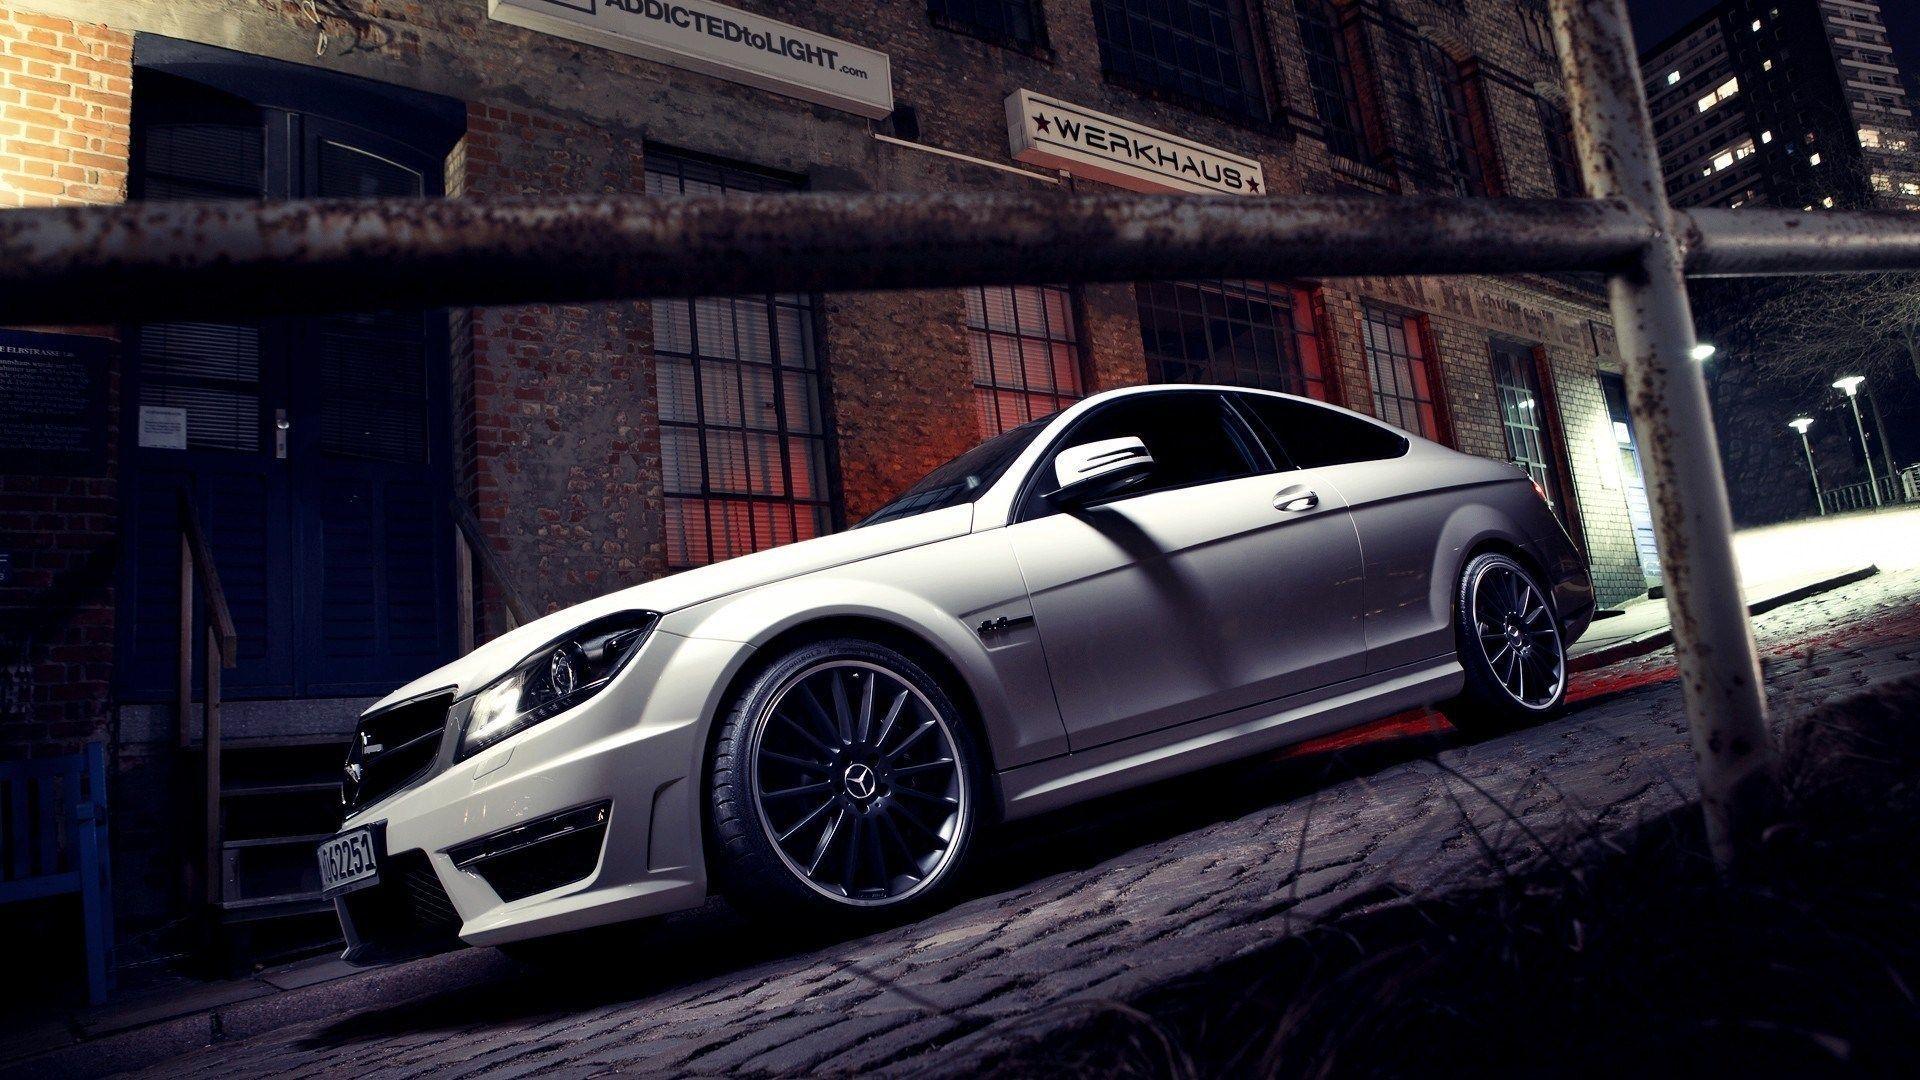 2012 mercedes benz c63 amg car wallpaper wallpaper free download - Mercedes Benz Amg Wallpapers Wallpaper Cave